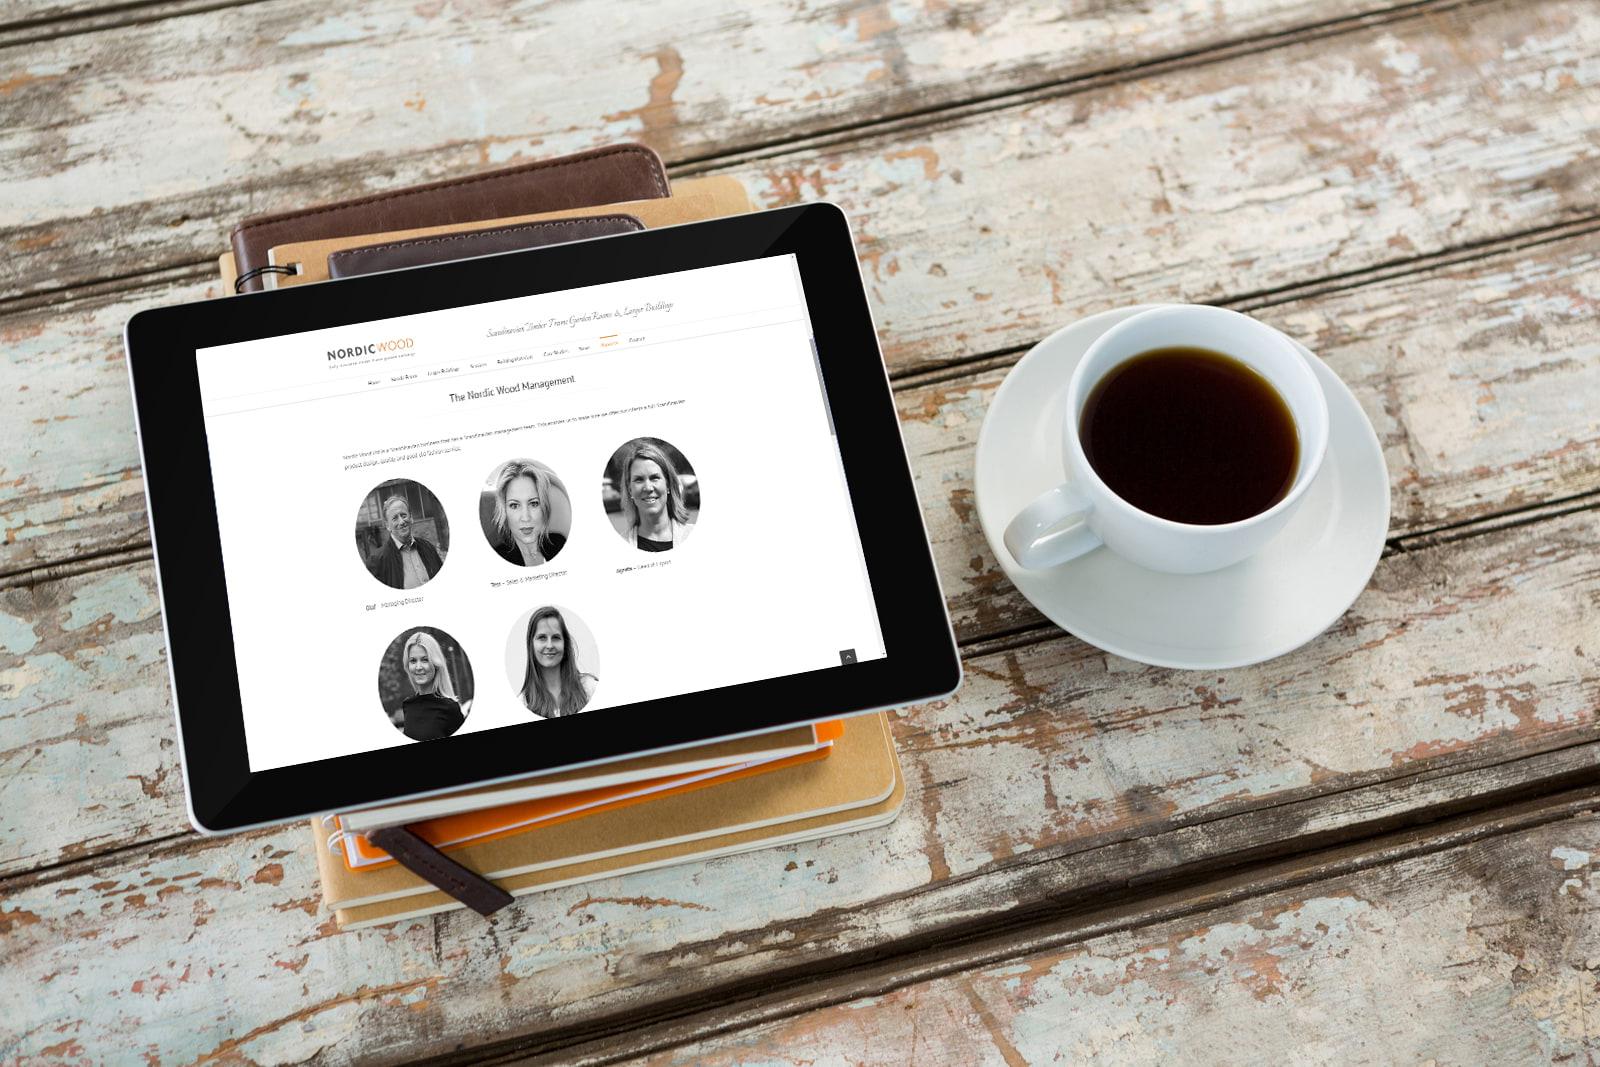 Brochure based website designed by JJ Solutions in Surrey